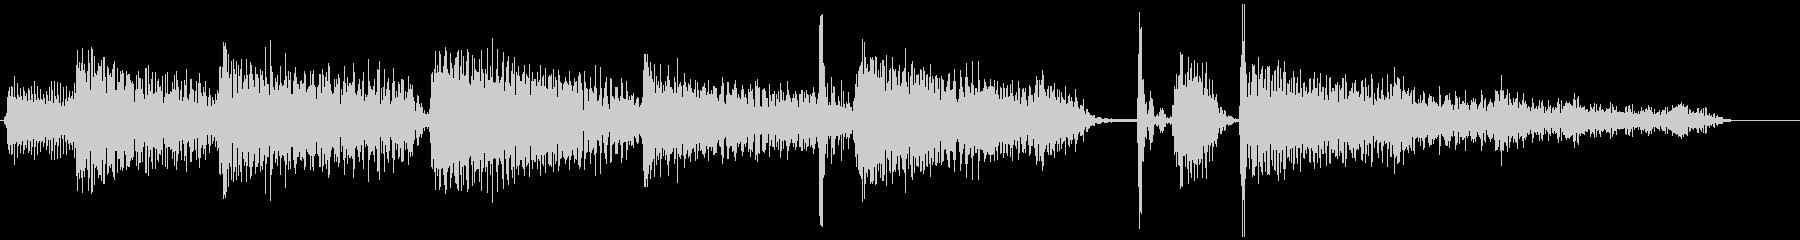 ピアノ・ジャズ・ドラム・ジングルの未再生の波形